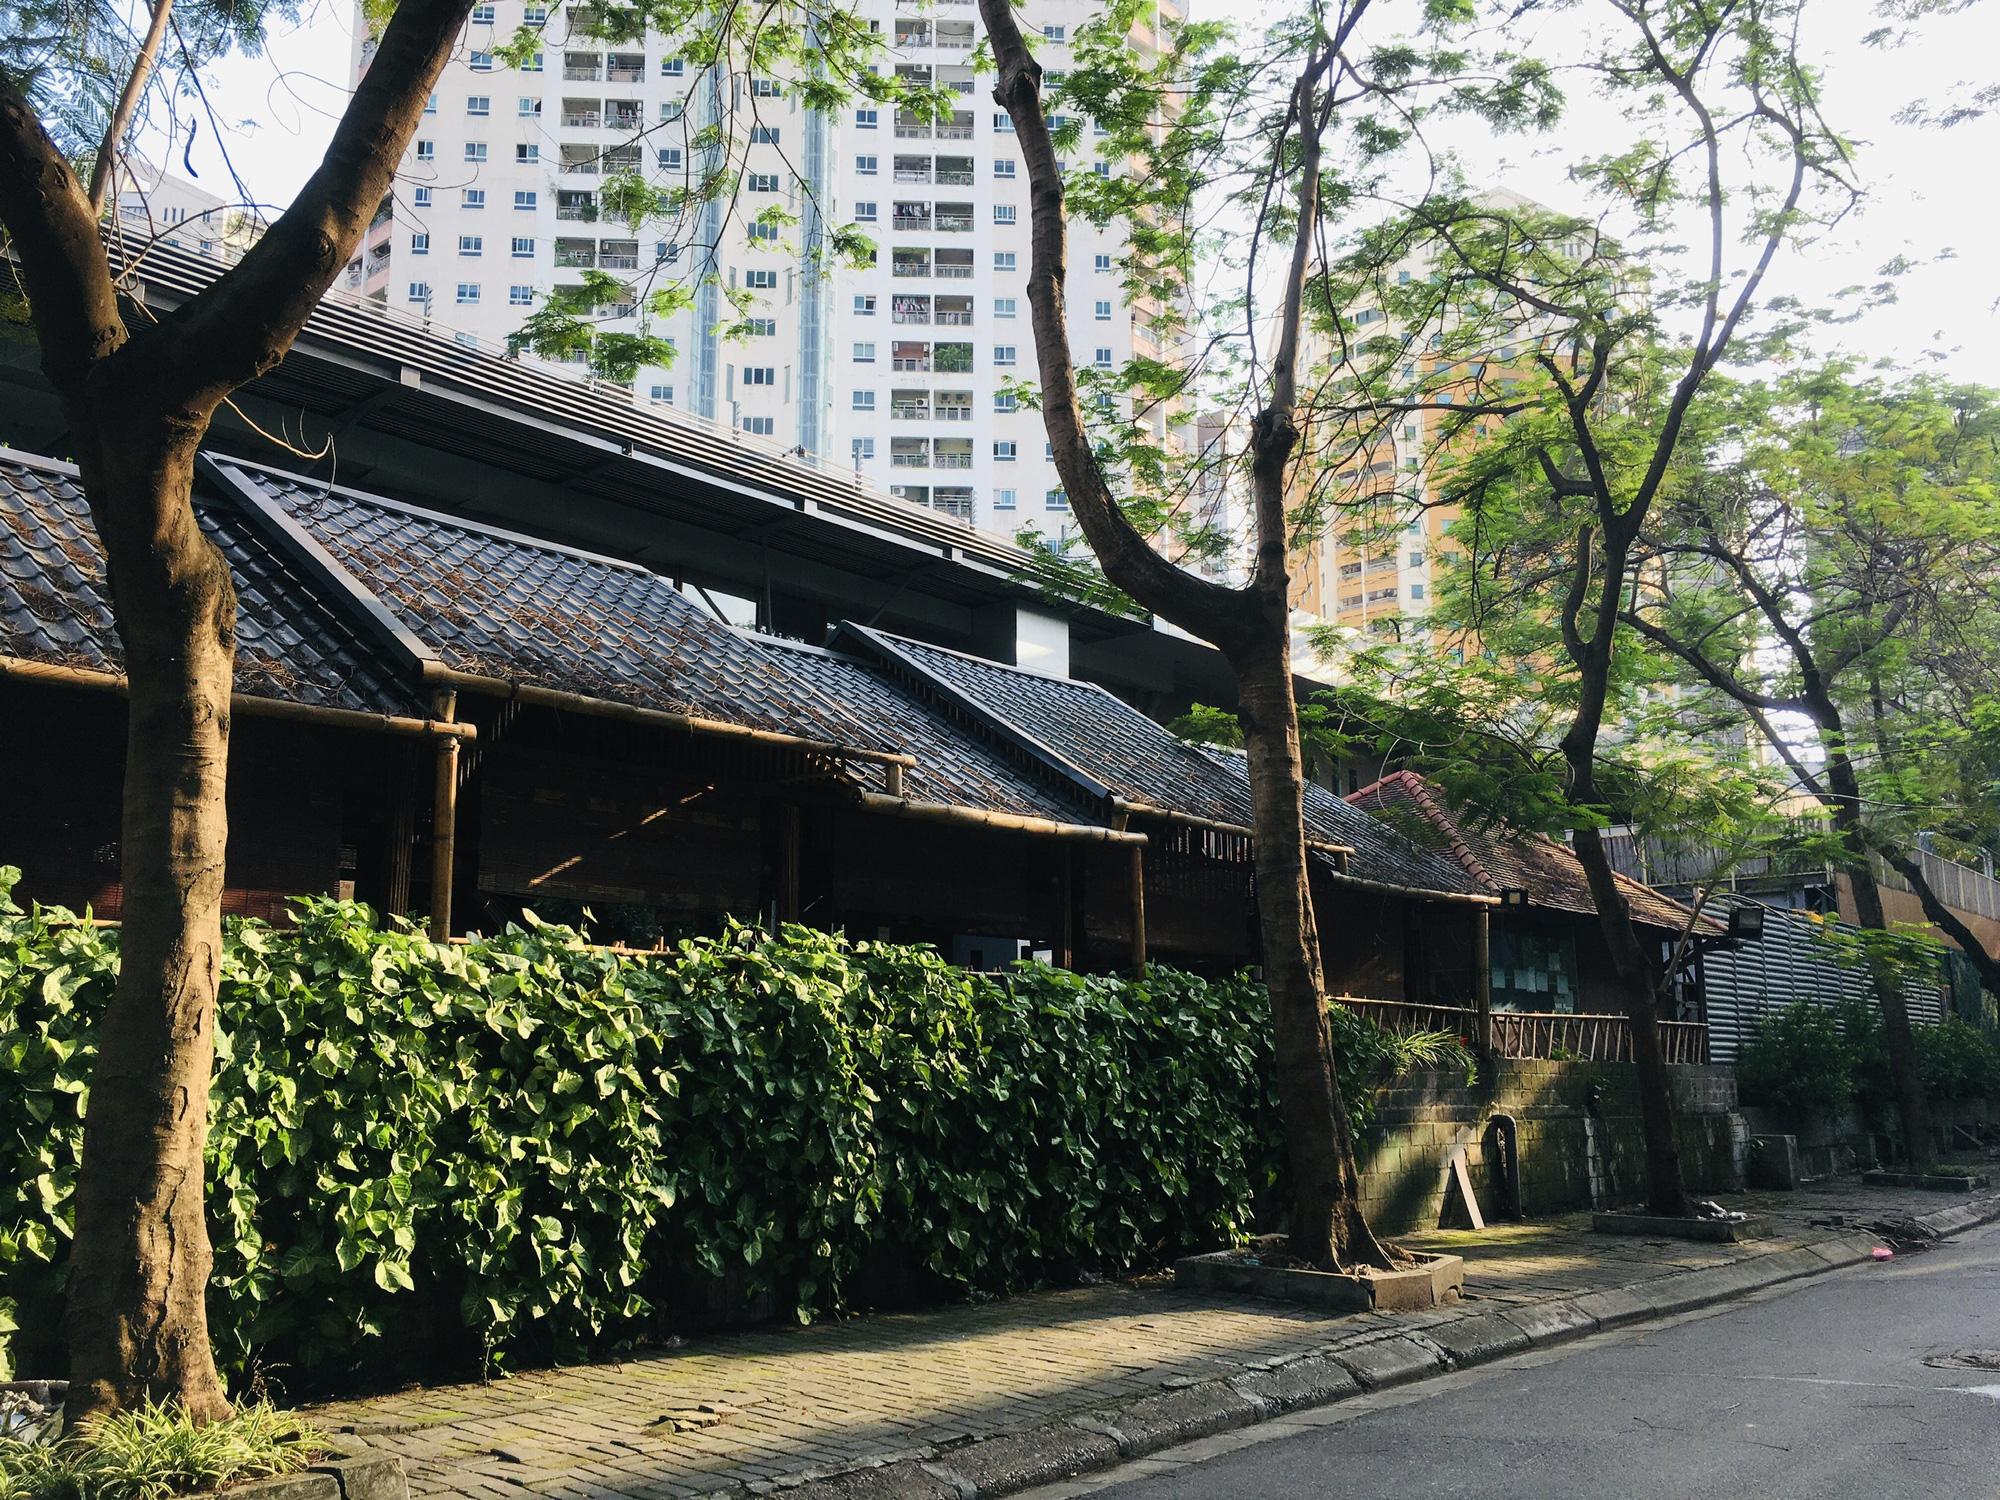 Những khu dính quy hoạch phường Trung Hòa, Cầu Giấy, Hà Nội (phần 3) - Ảnh 6.